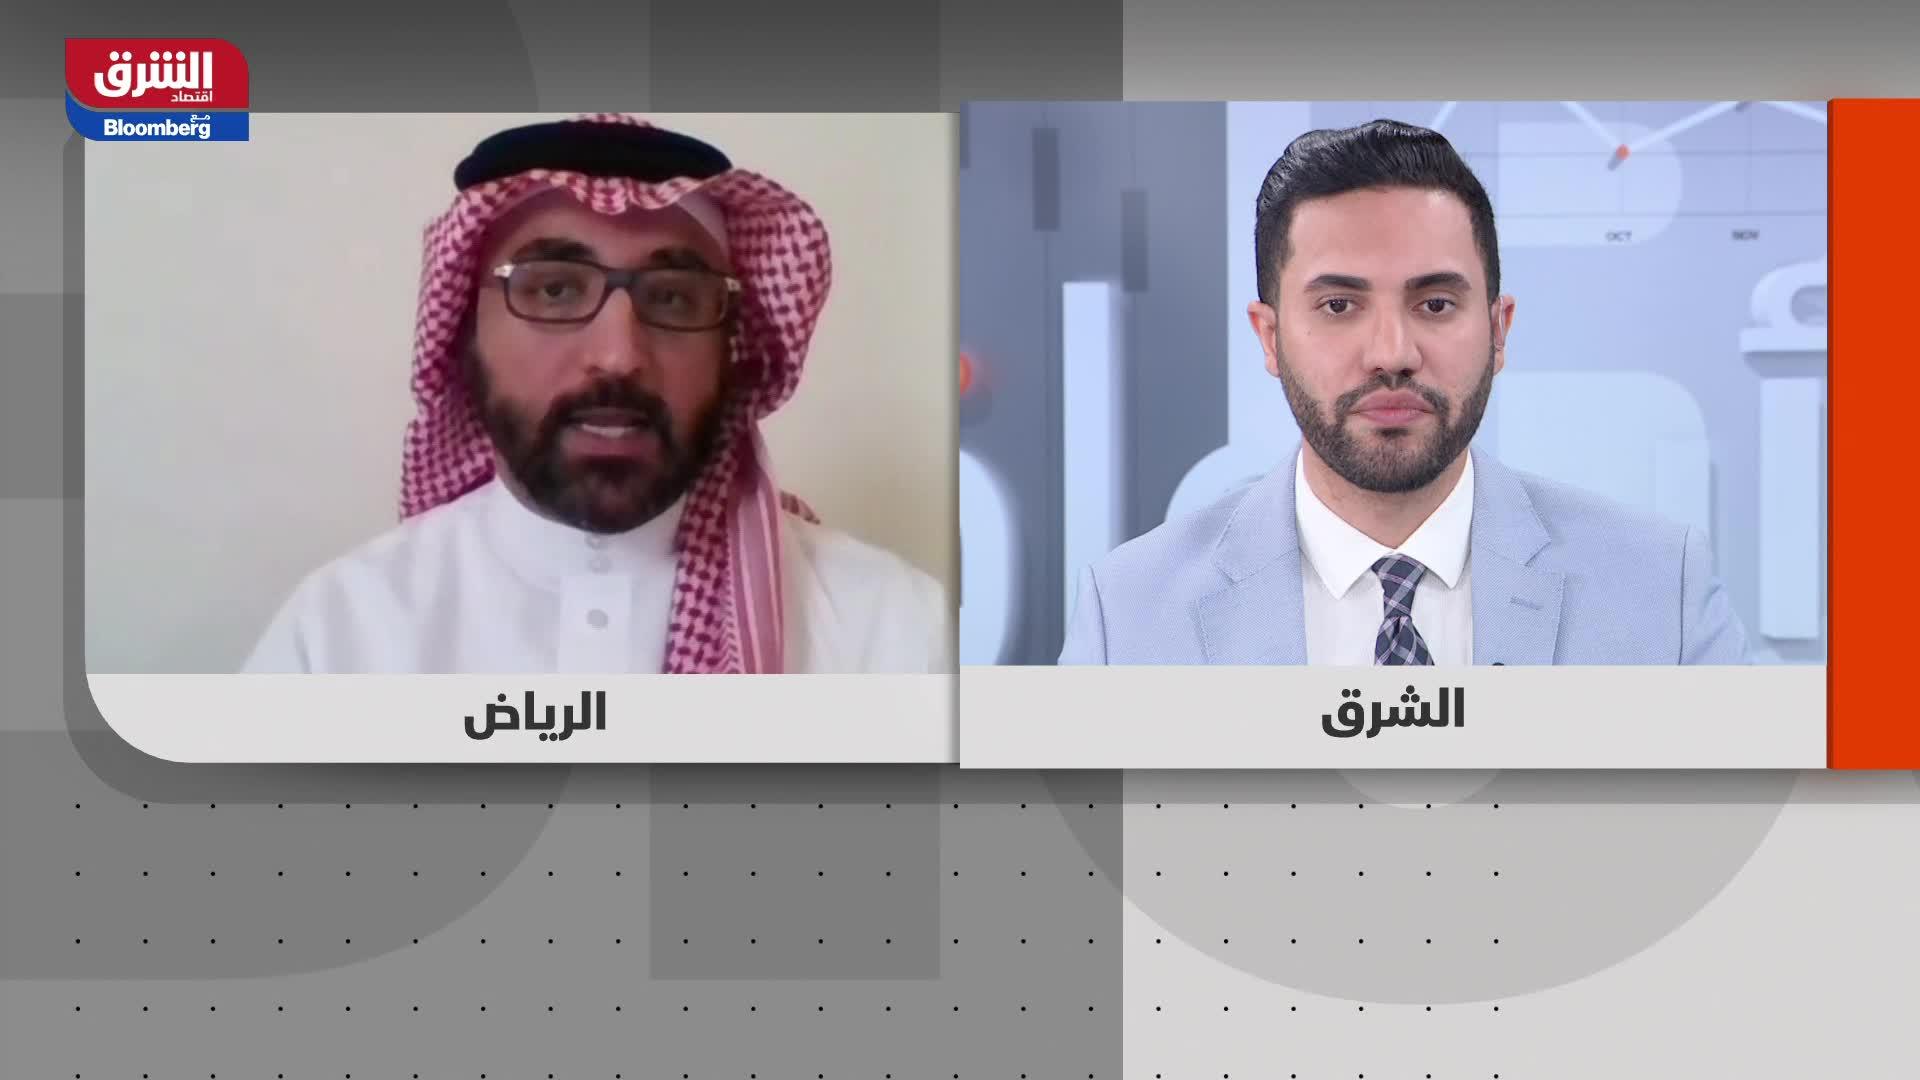 السعودية.. الخصخصة الحكومية تثير تساؤلات بشأن إمتيازات الوظائف